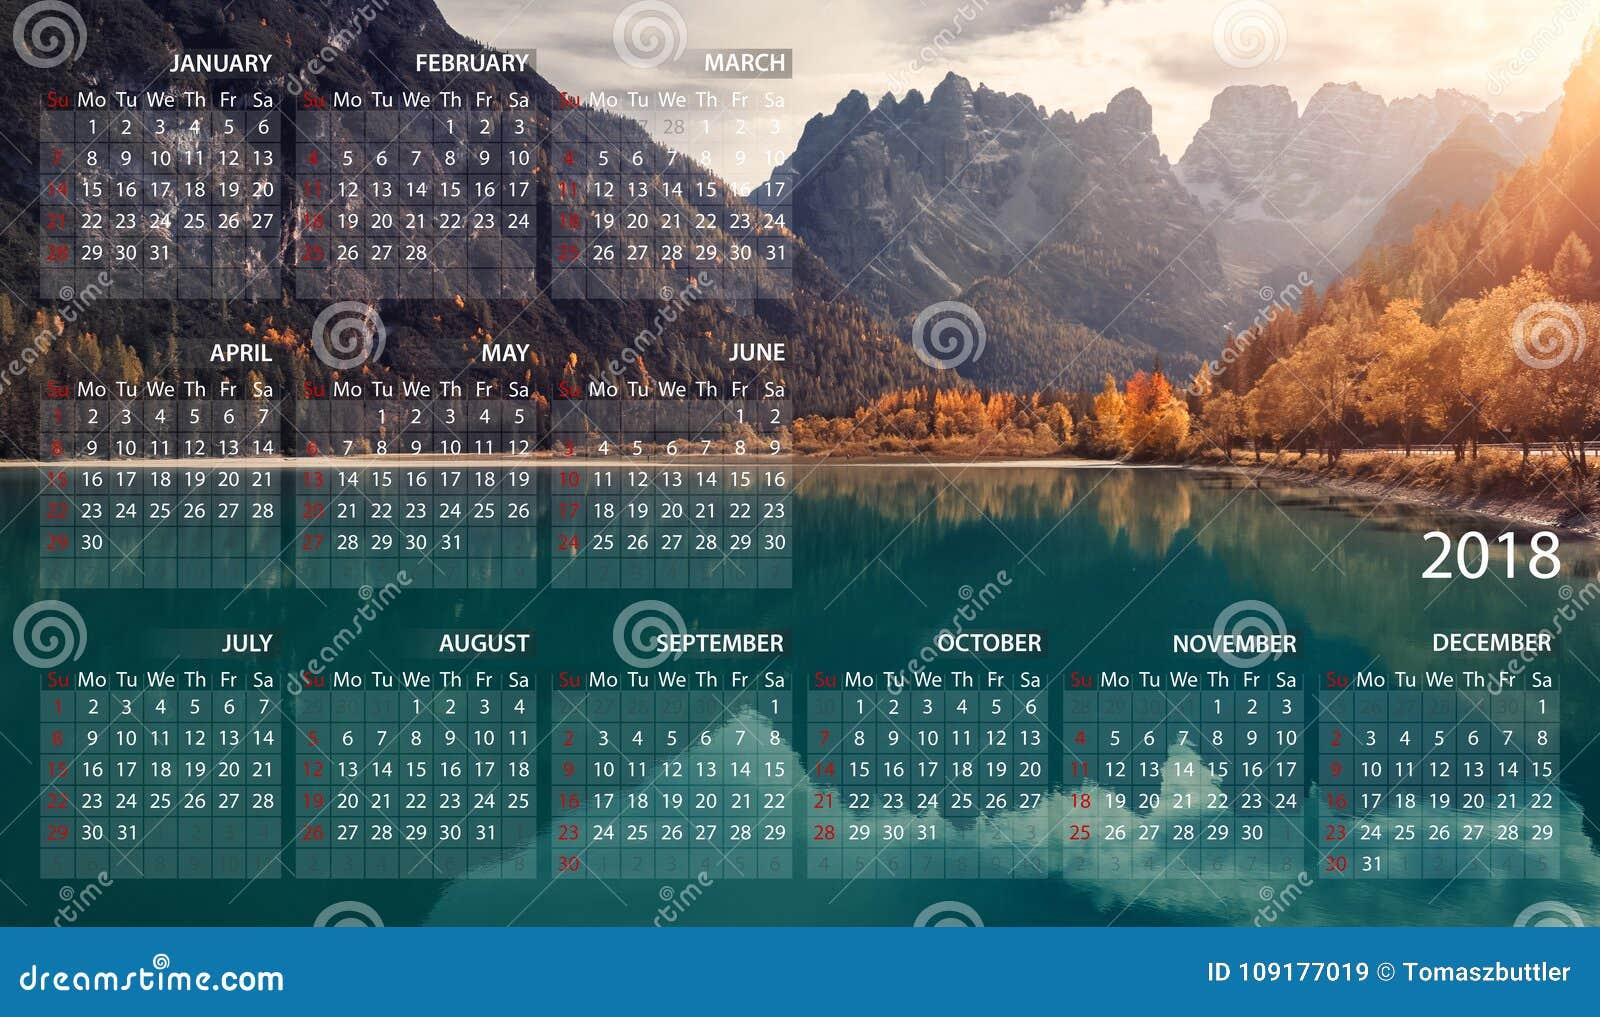 Calendario Panorama.Calendario 2018 Em Ingles Comecos Da Semana Em Domingo